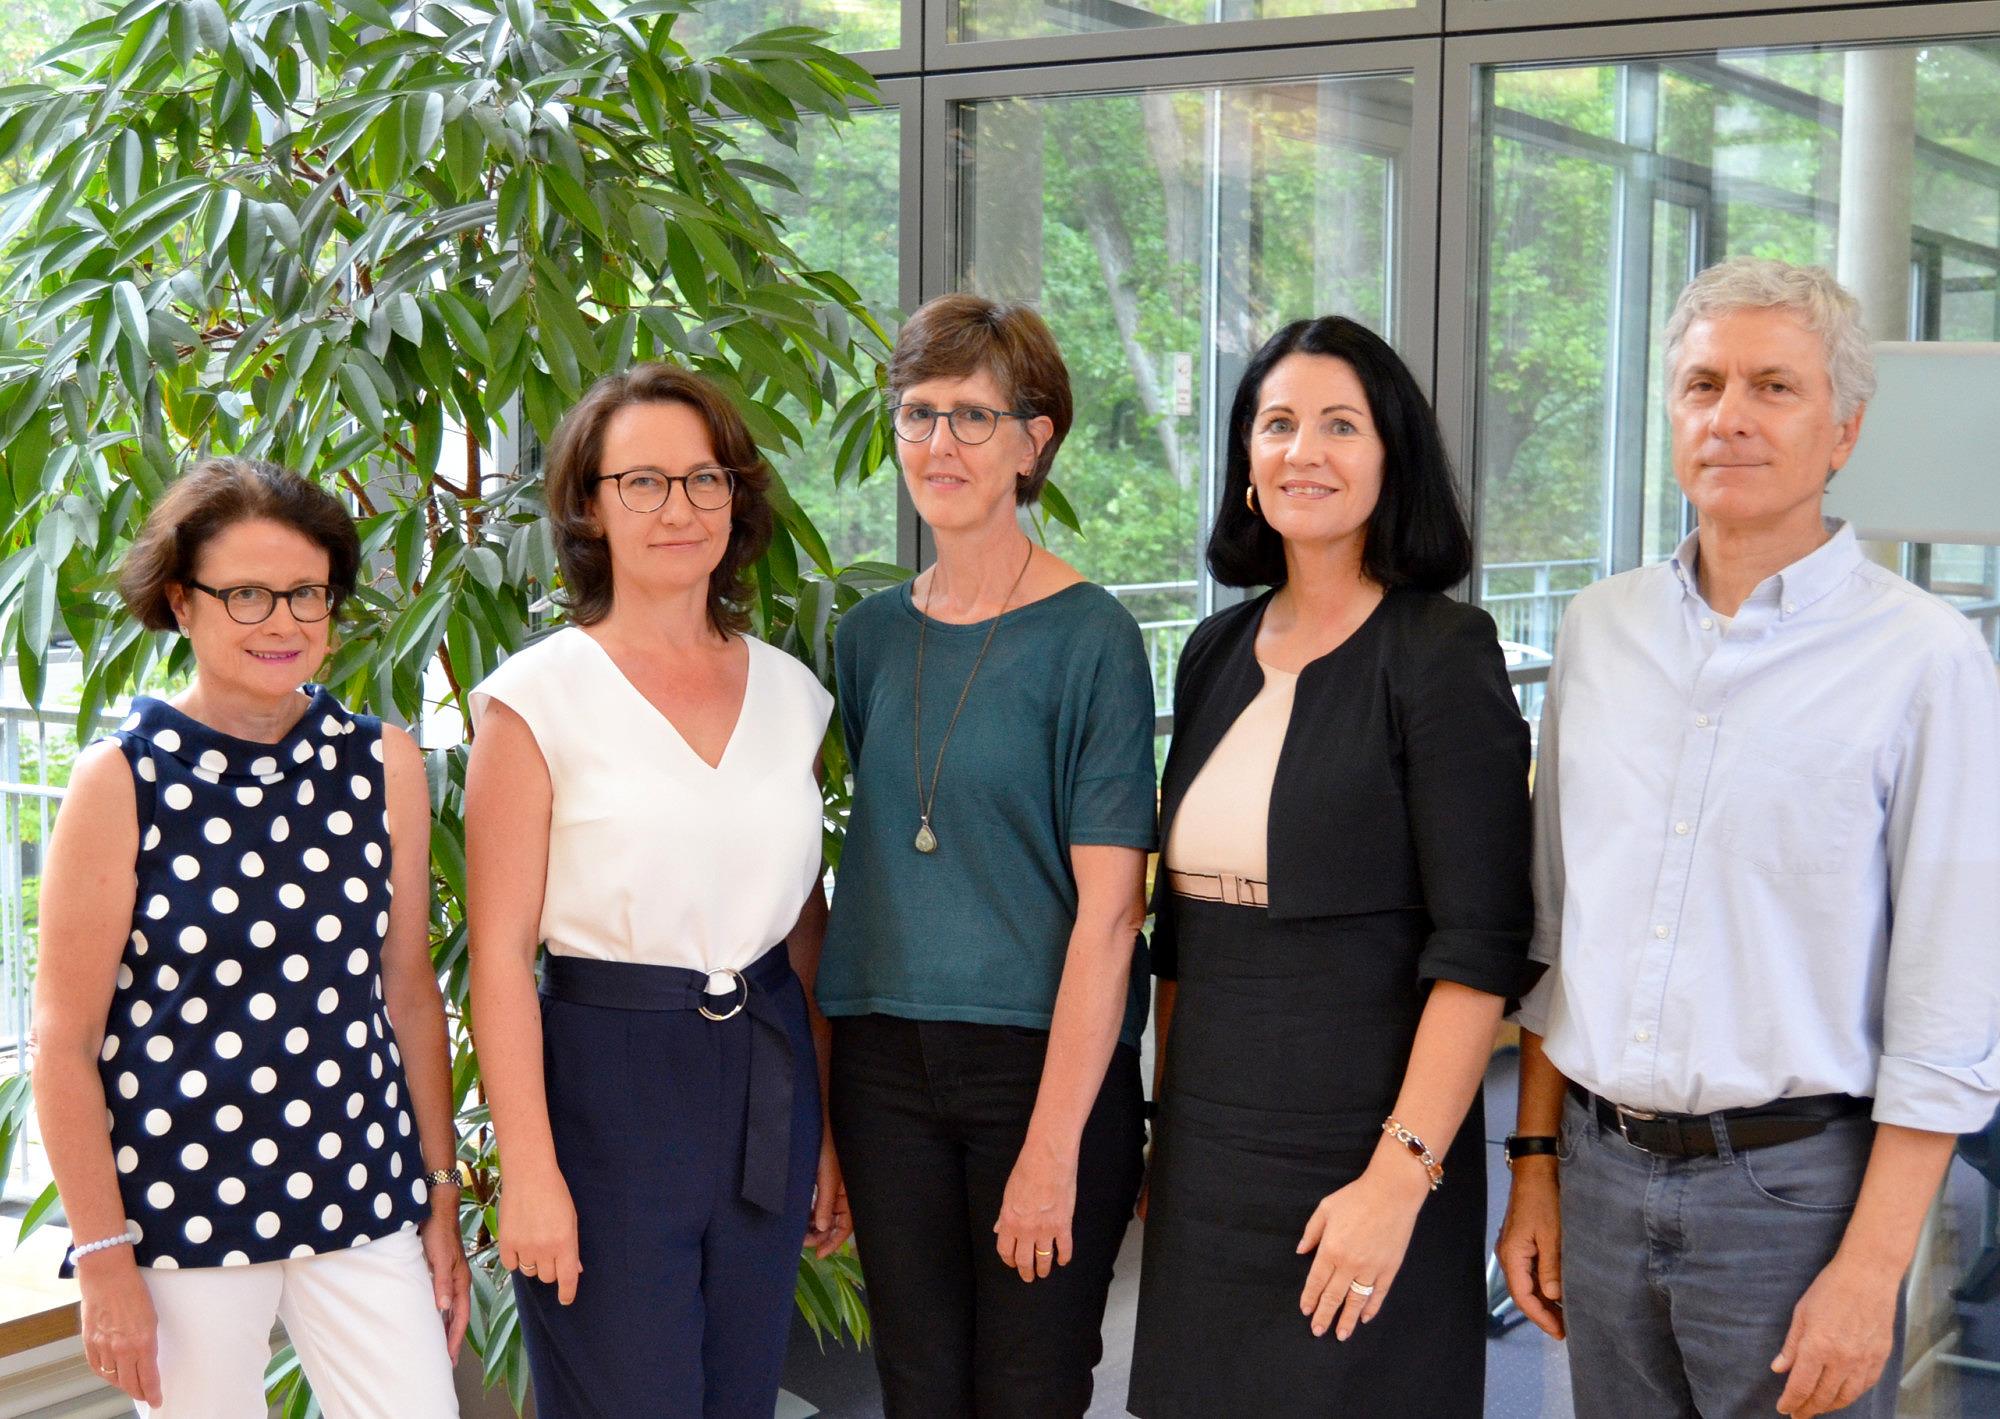 Gruppenbild der Abteilungsleiter und Abteilungsleiterinnen des IFA